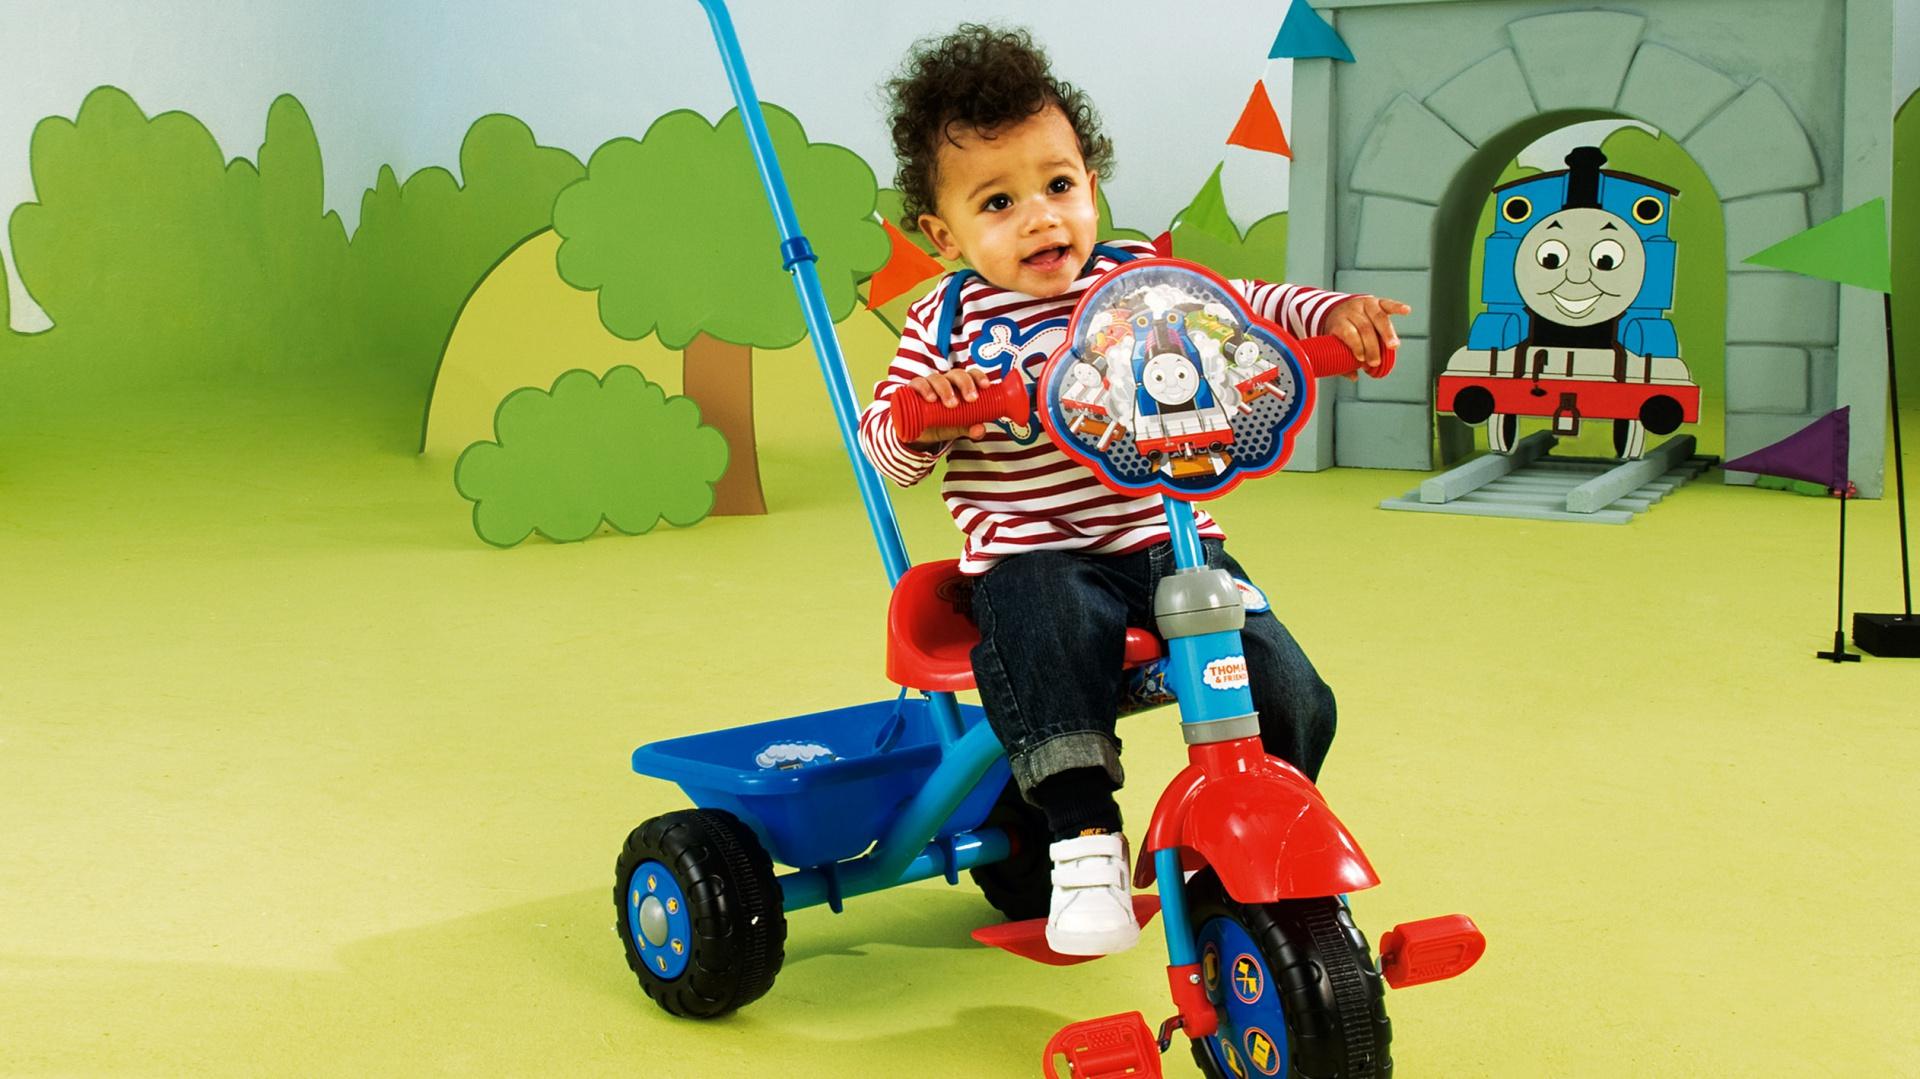 Trzykołowy rowerek na pewno ucieszy małego chłopca. Fot. Woolworths.